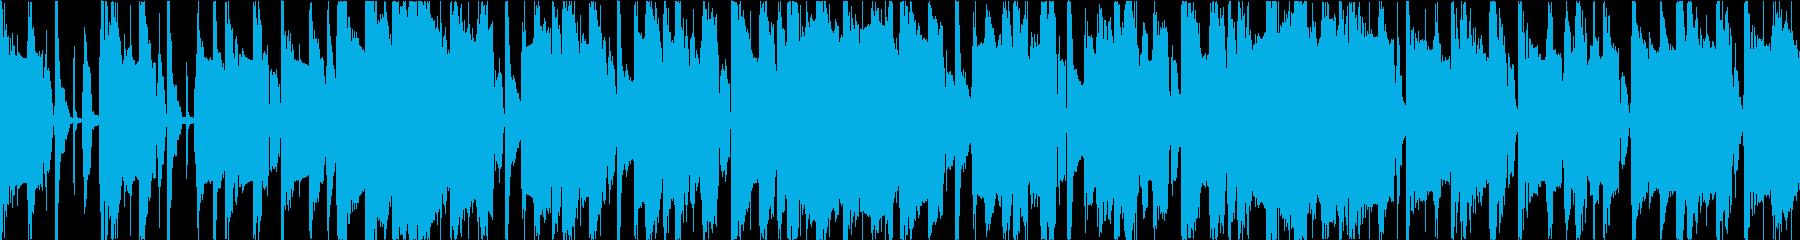 レゲエと盆踊りのコミカルBGMの再生済みの波形